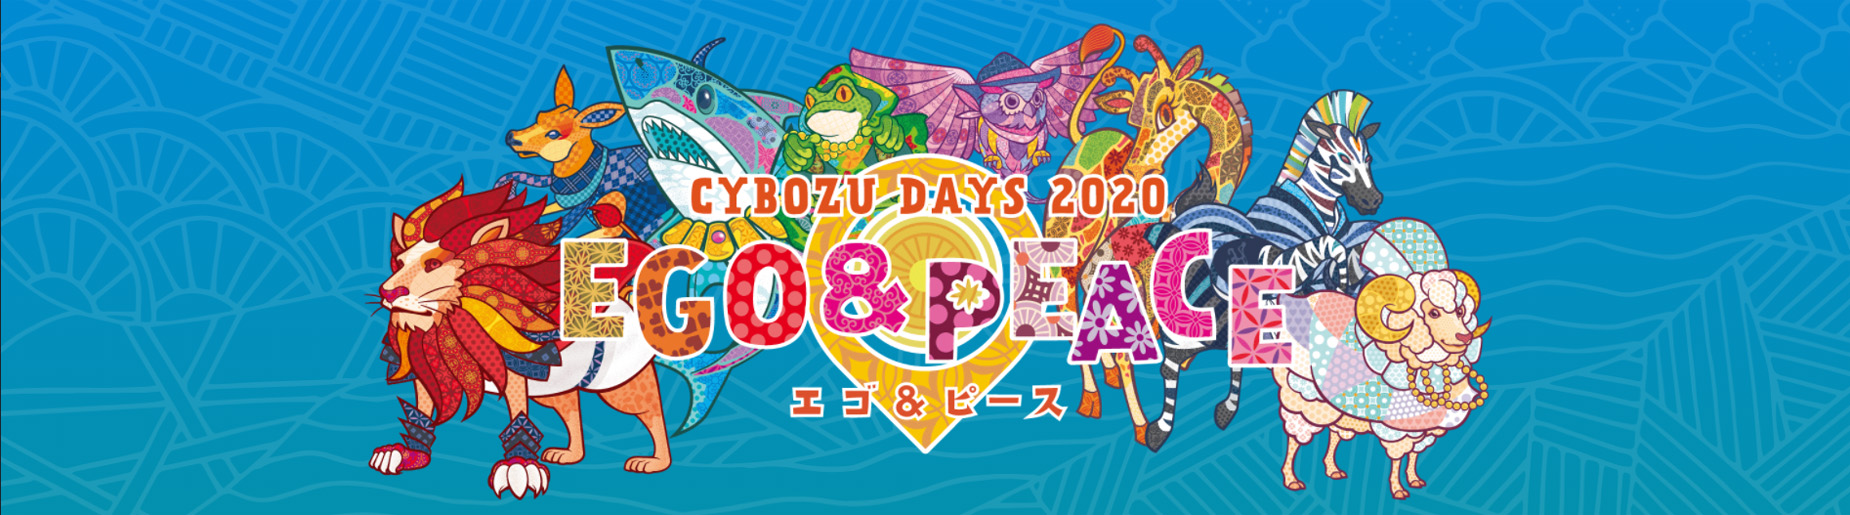 ゴートップ Cybozu Days2020 に初出展